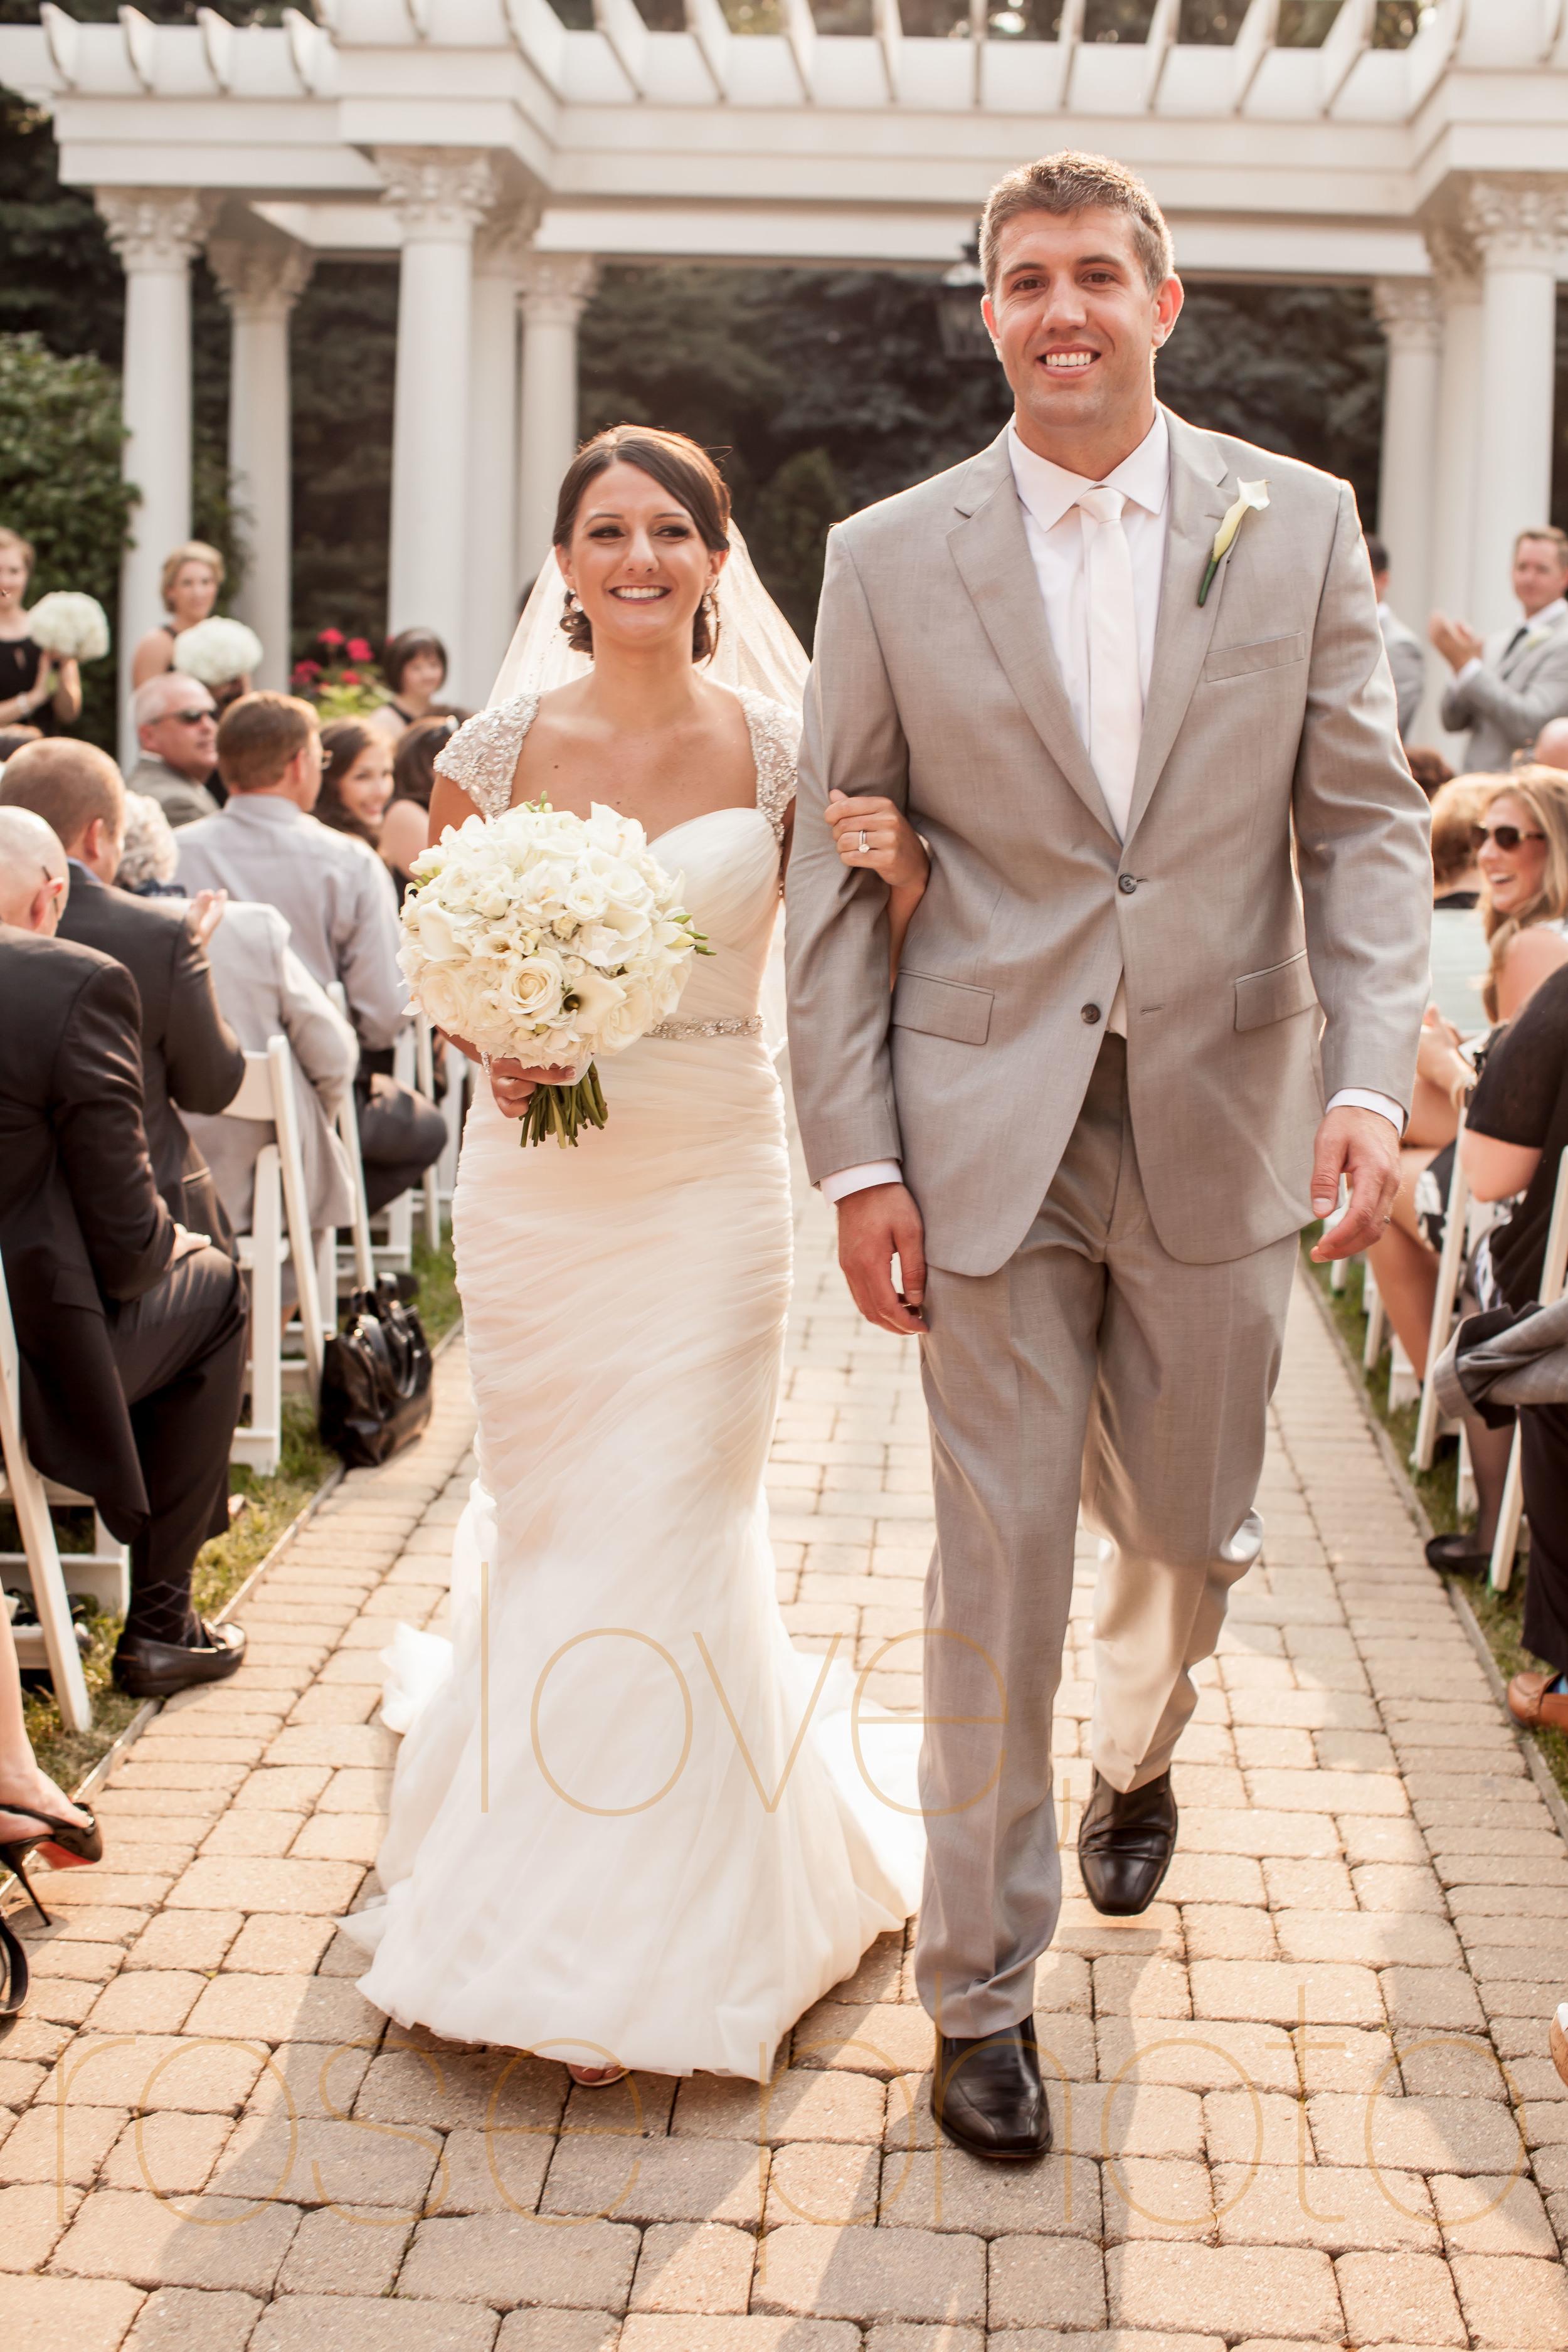 ellen + bryan chicago wedding joliet james healy mansion portrait lifestyle photojournalist photographer -014.jpg